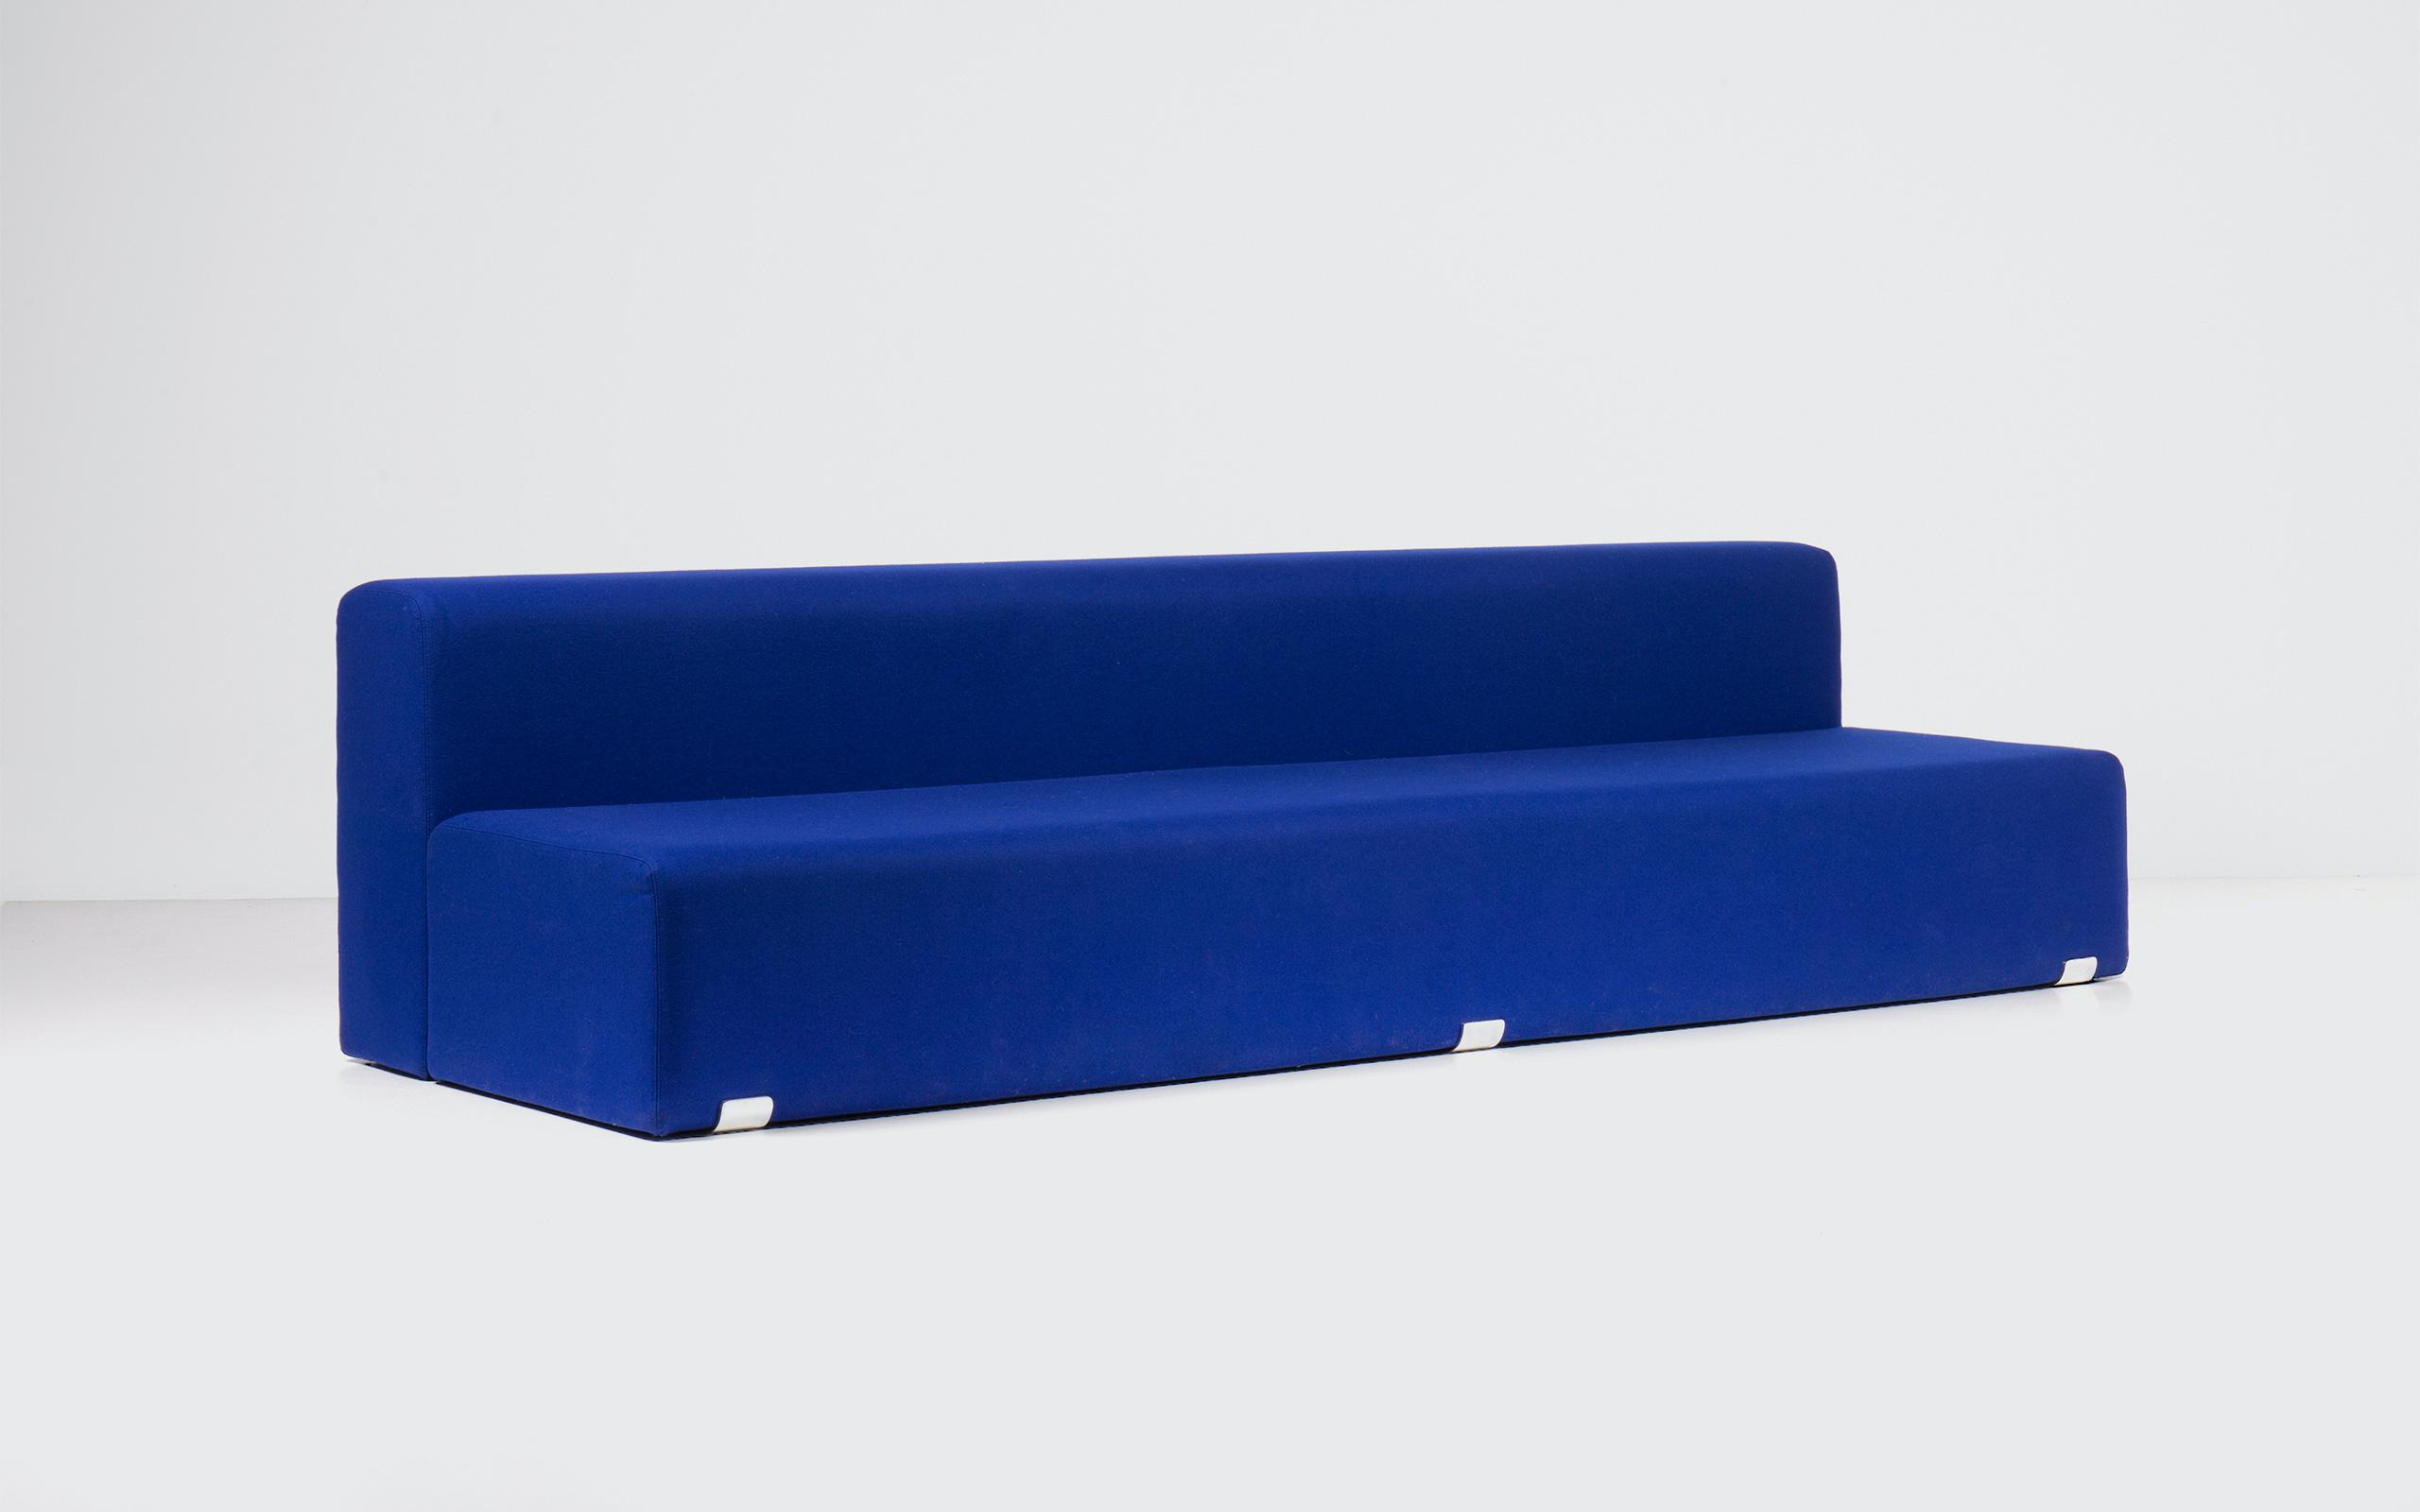 Marcel sofa D by Kazuhide Takahama | Paradisoterrestre